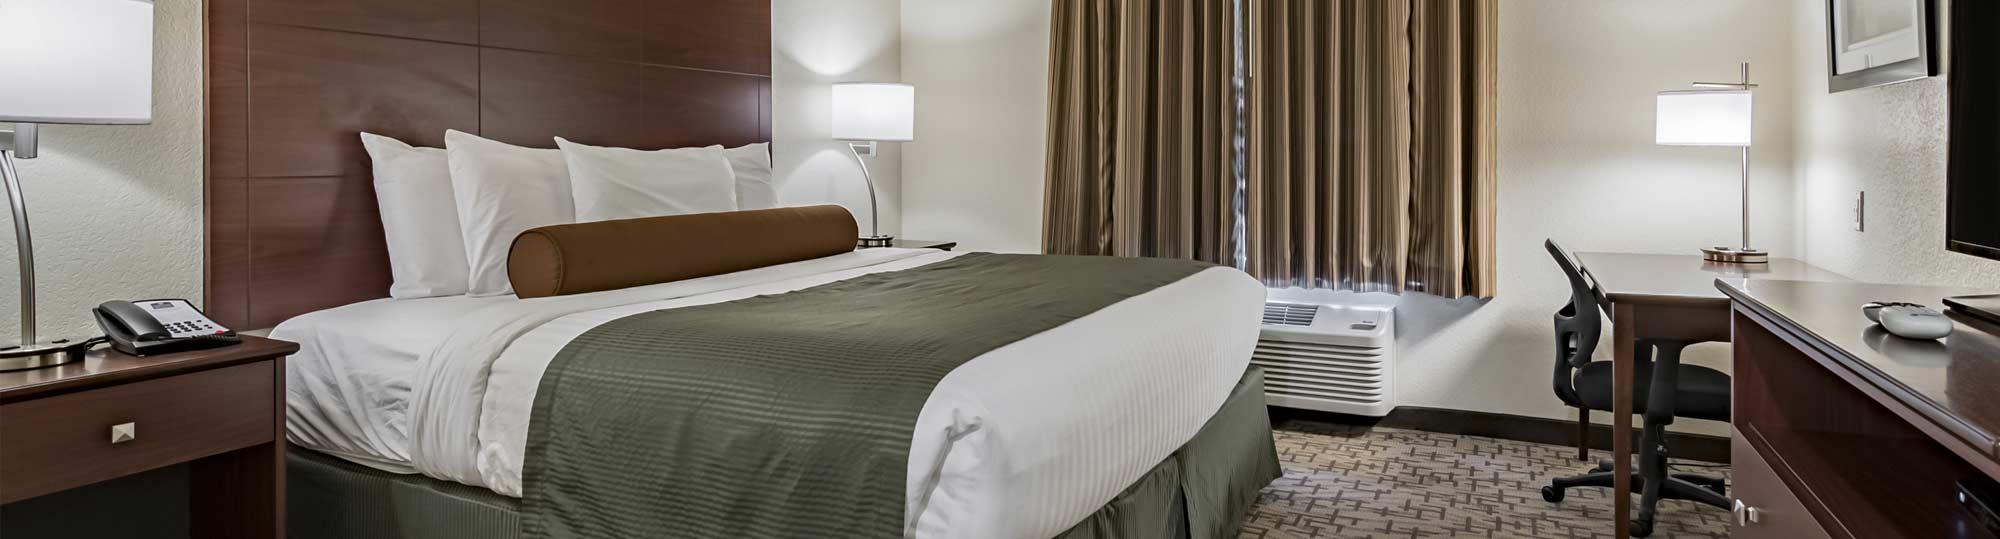 Cobblestone Inn and Suites Lamoni